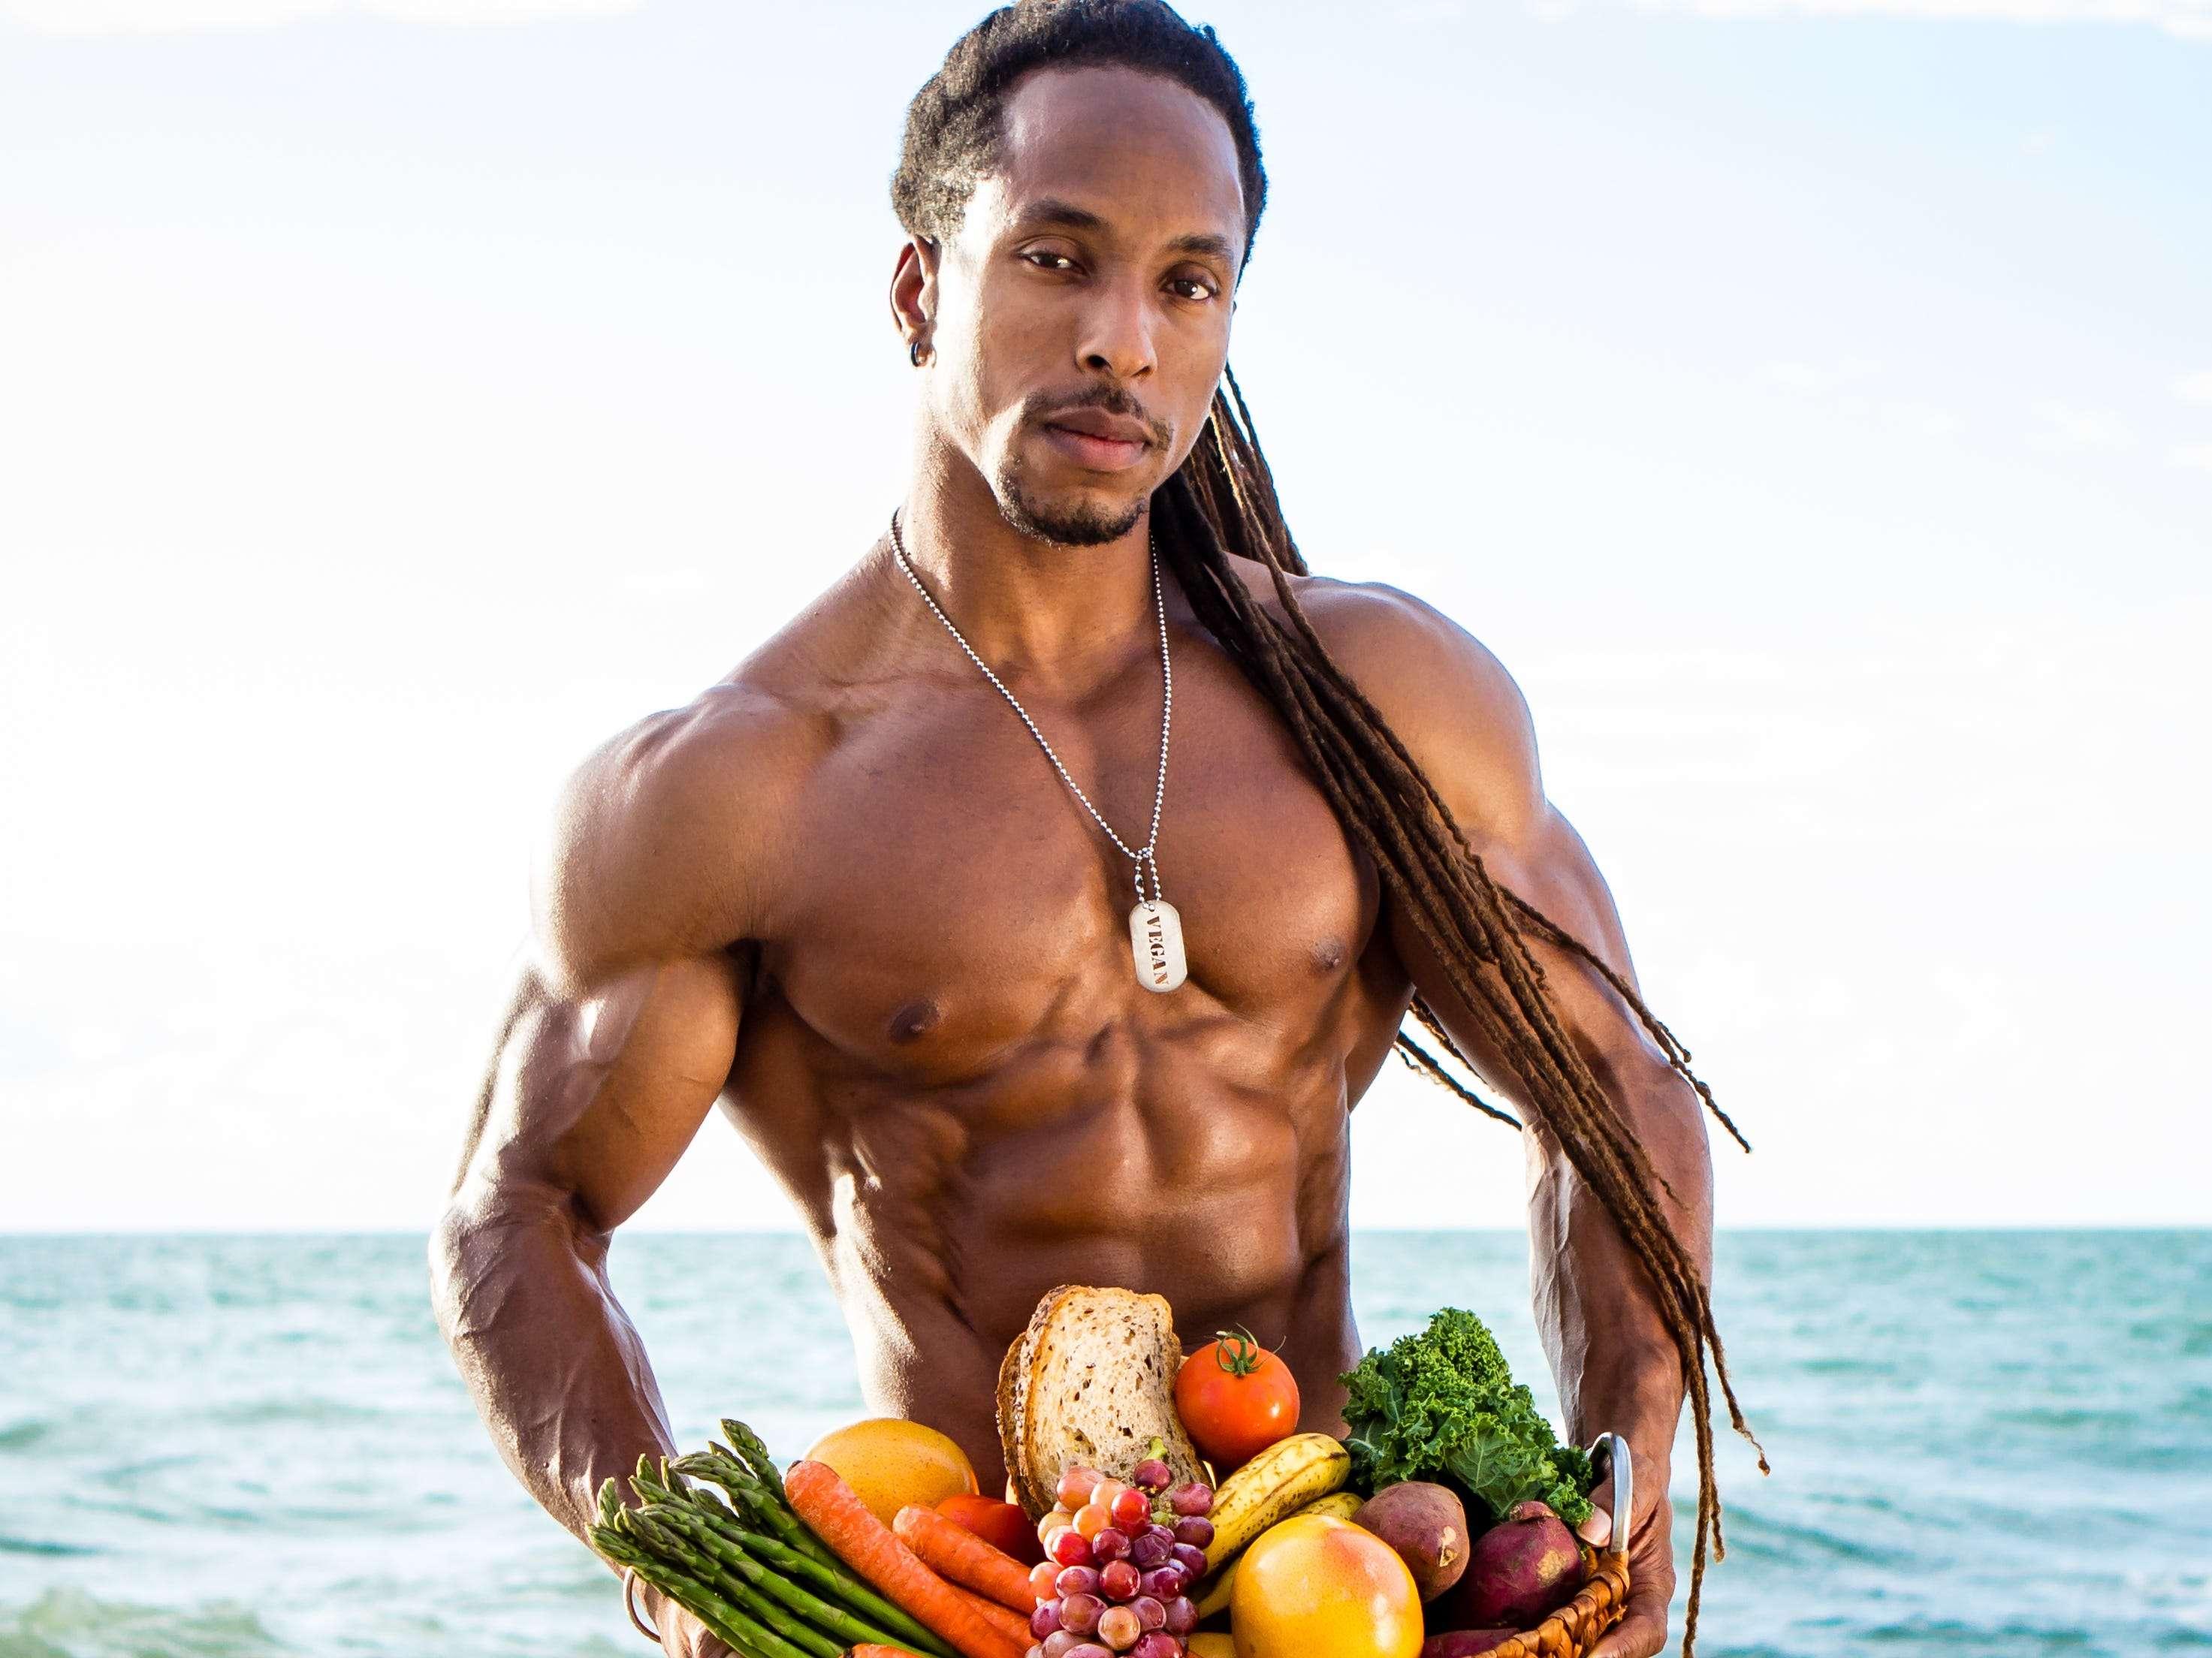 all plant diet bodybuilder